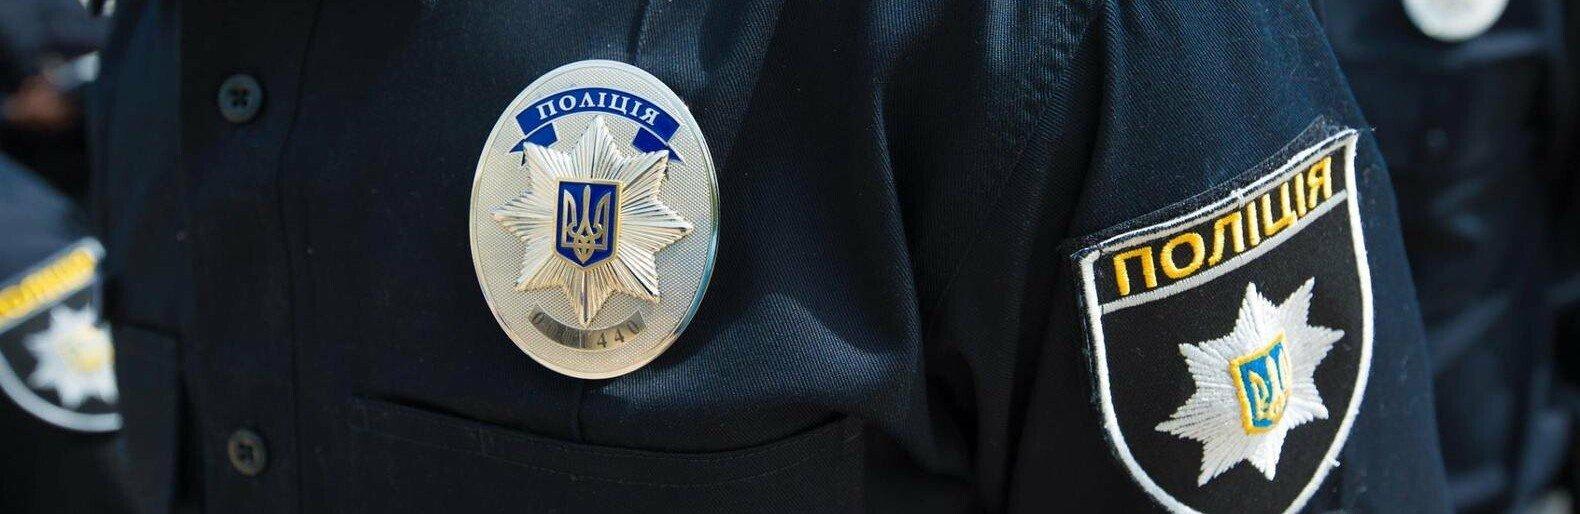 Одесситы самостоятельно задержали и передали полиции подозреваемого...0